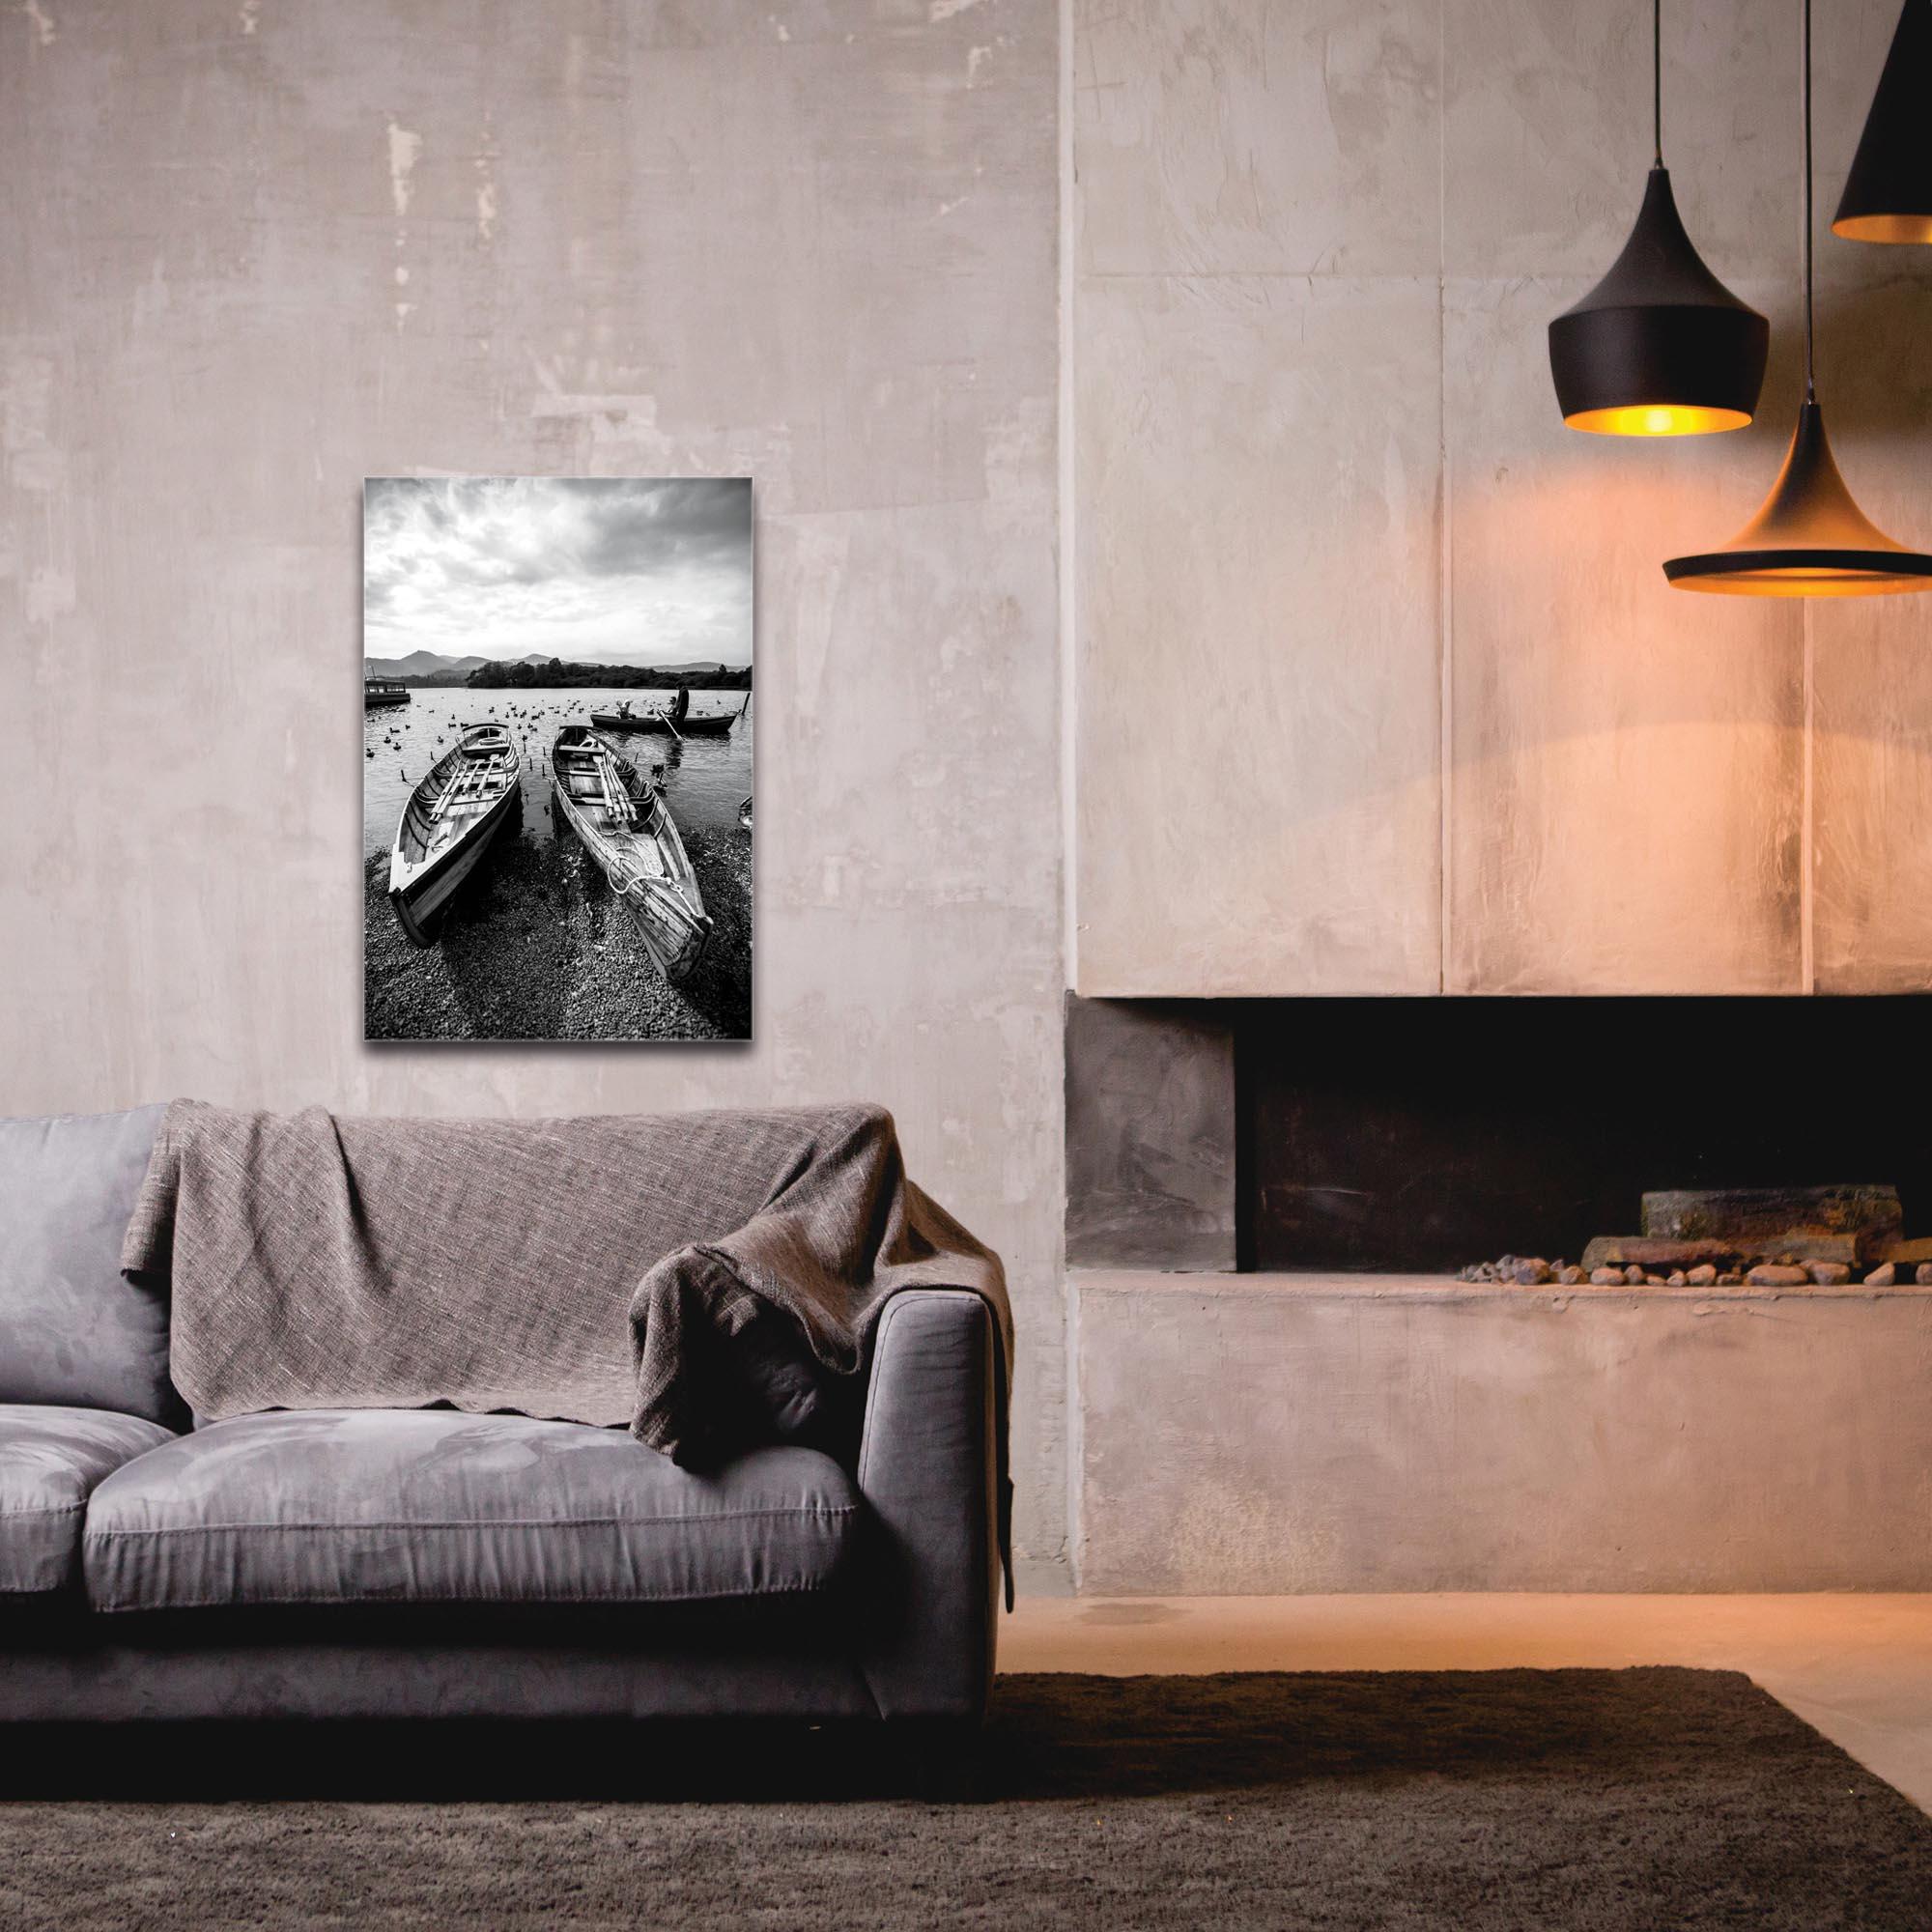 Black & White Photography 'Old Rowboats' - Coastal Art on Metal or Plexiglass - Image 3